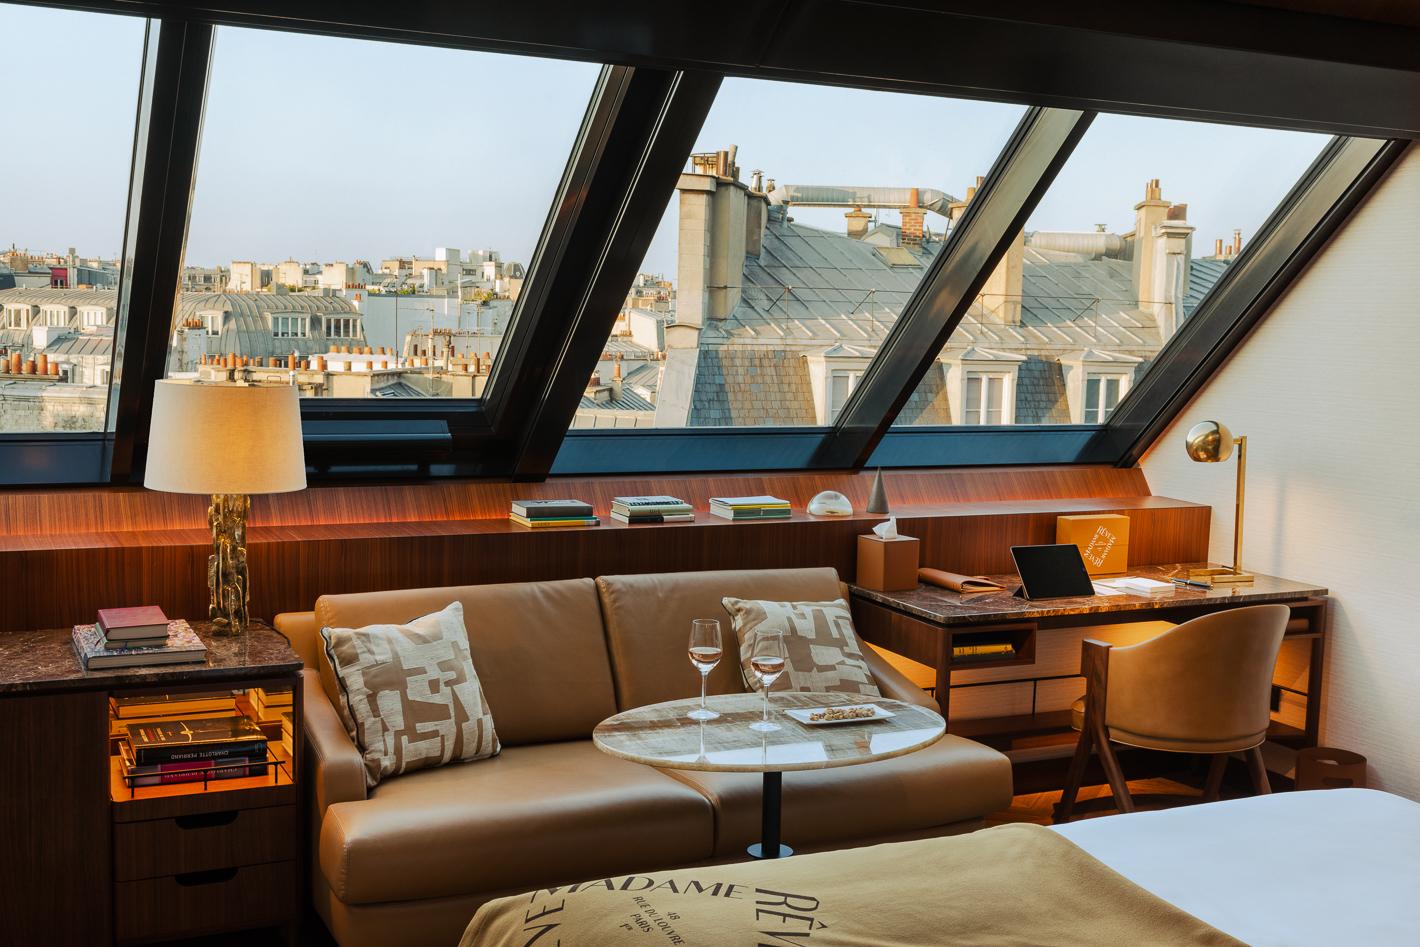 deluxe-vue-paris-atelier-hotel-madame-reve-1